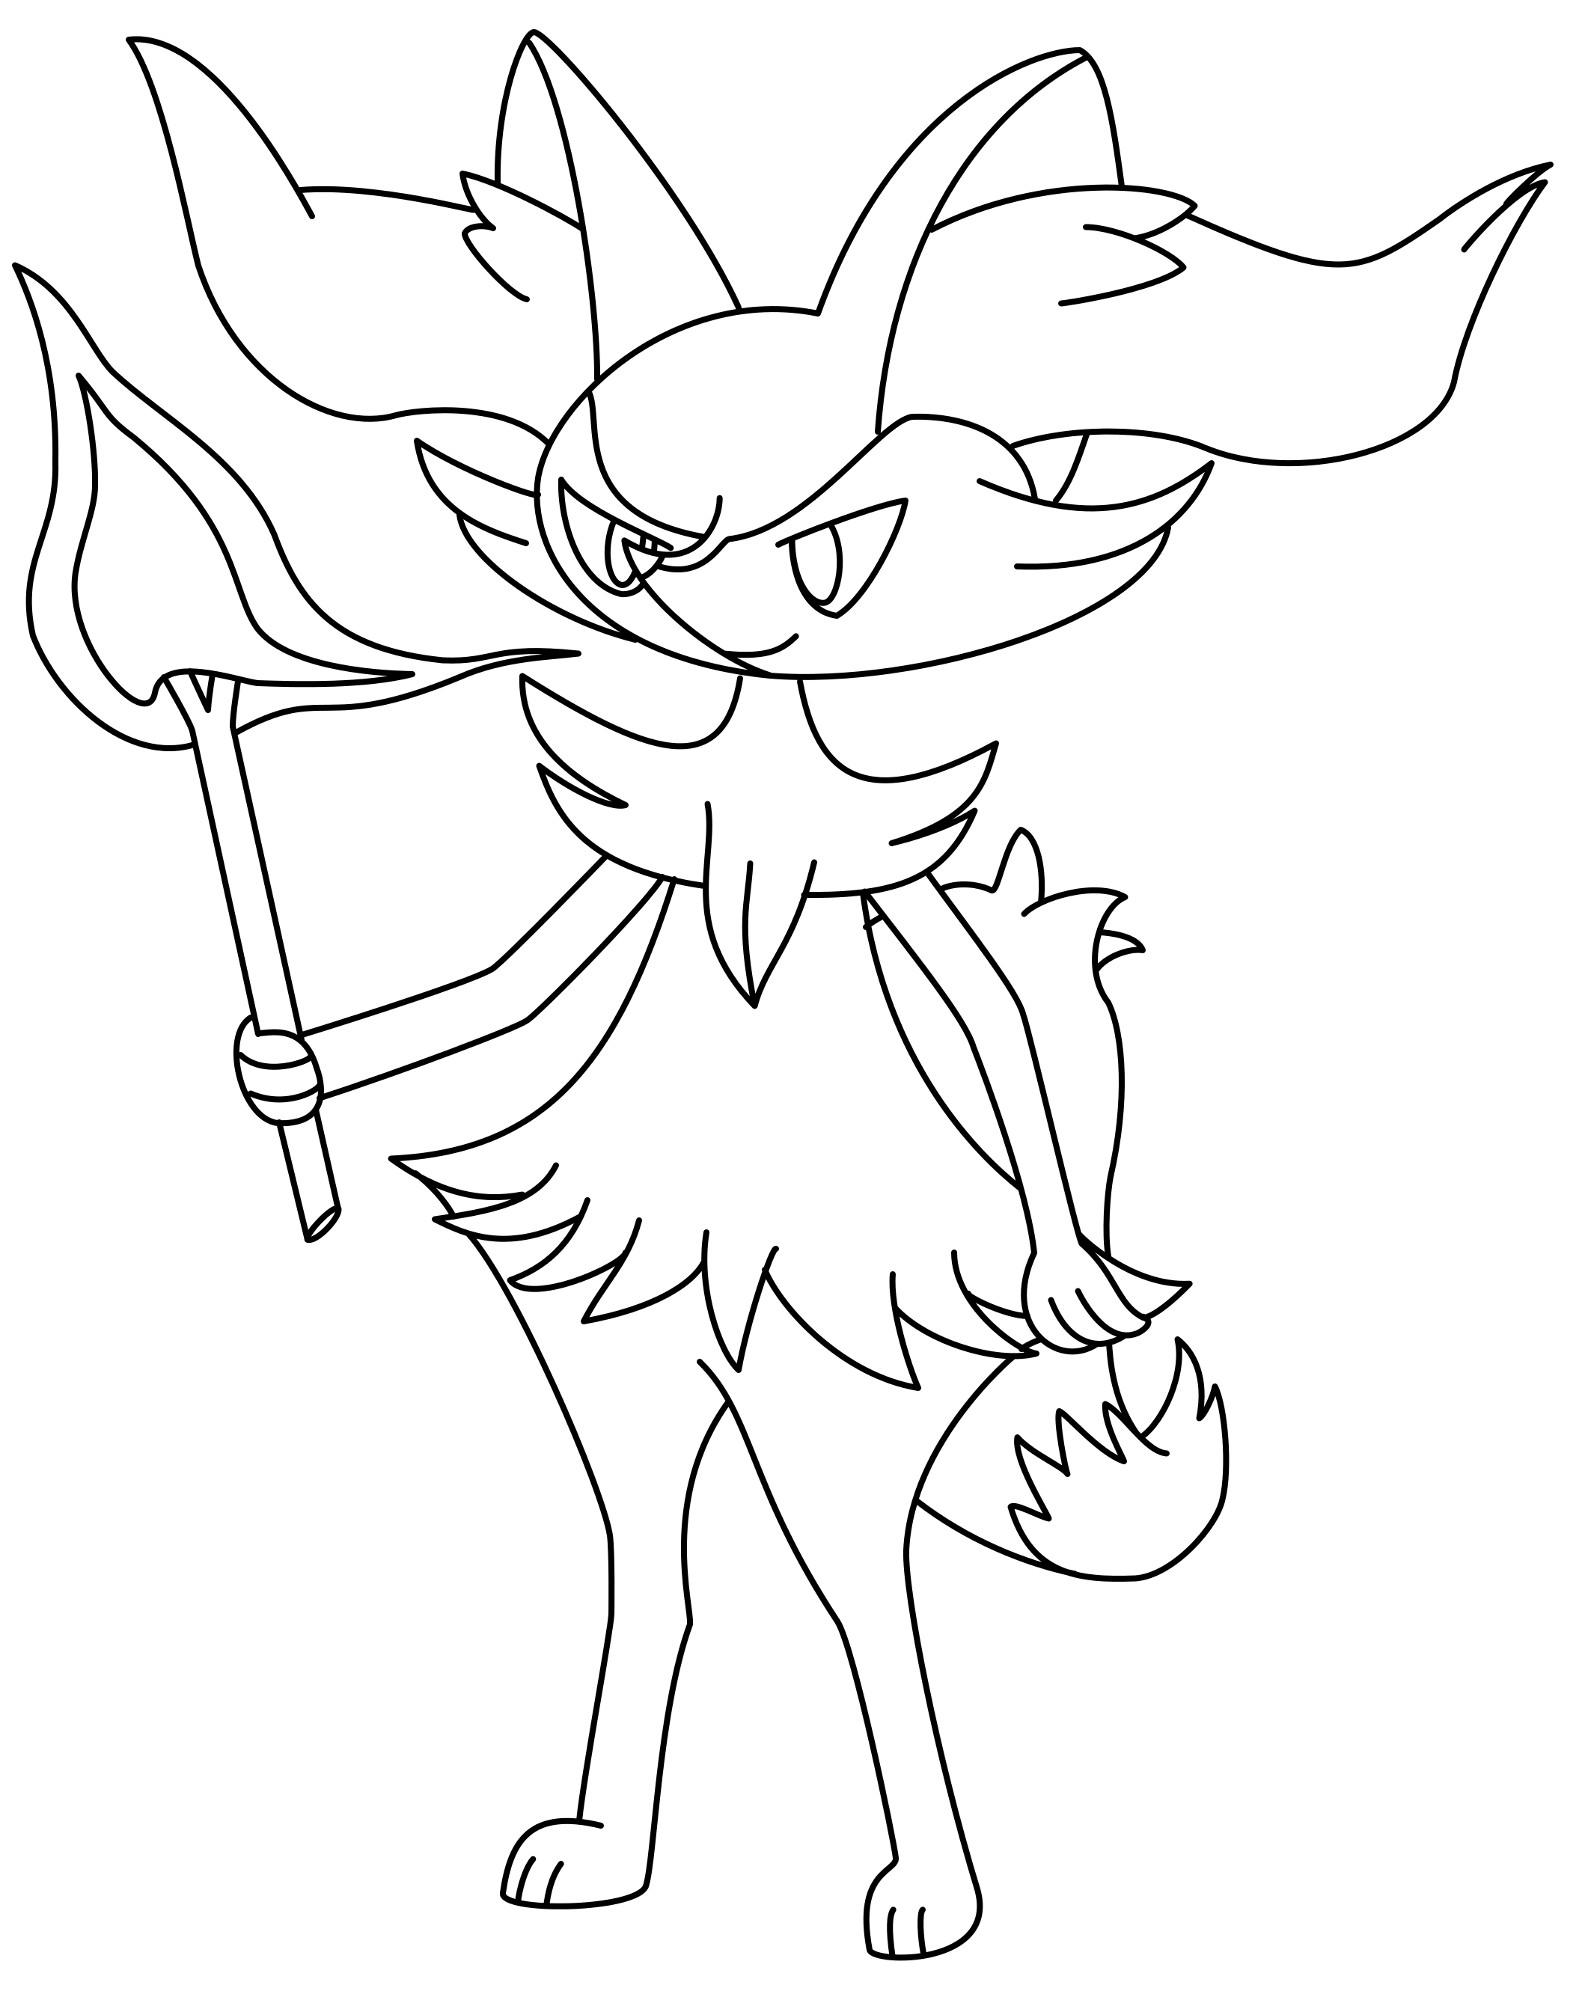 Pokemon Ausmalbilder Glaziola : Wunderbar Pokemon Malvorlagen Eevee Entwicklungen Zeitgen Ssisch